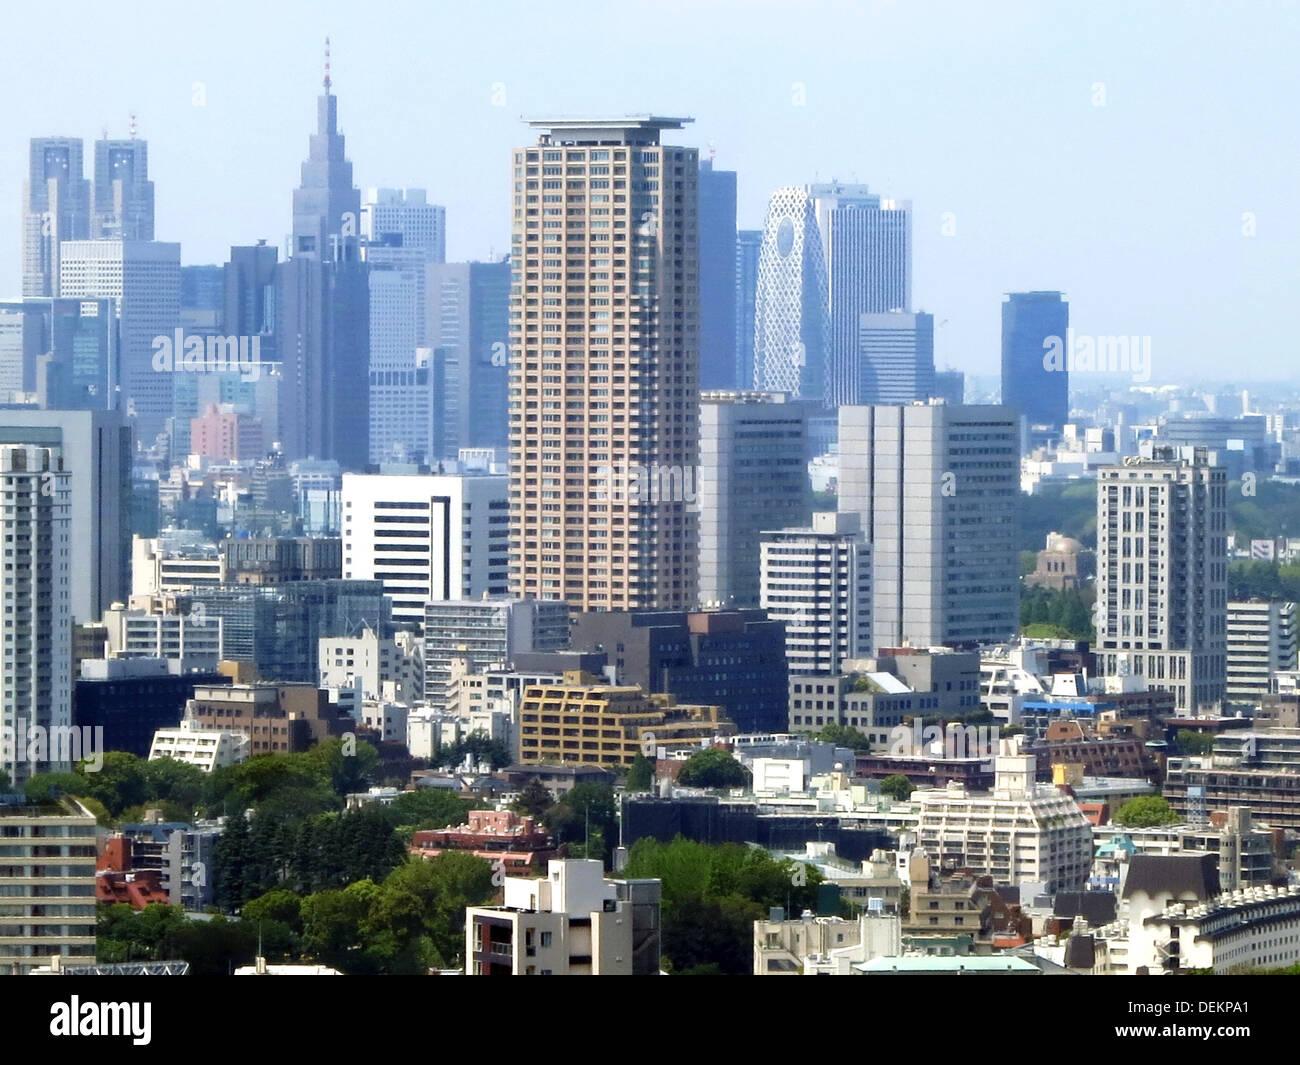 Blick auf das Wolkenkratzerviertel Shinjuku von Tokio, aufgenommen am 26.04.2013. Zwischen den Hochhäusern gibt es viele kleine Parks.  Foto: Peter Jähnel    View at the quarter of skyscrapers Shinjuku in Tokio, Japan, 26 Apri 2013. Photo: Peter Jaehnel - Stock Image